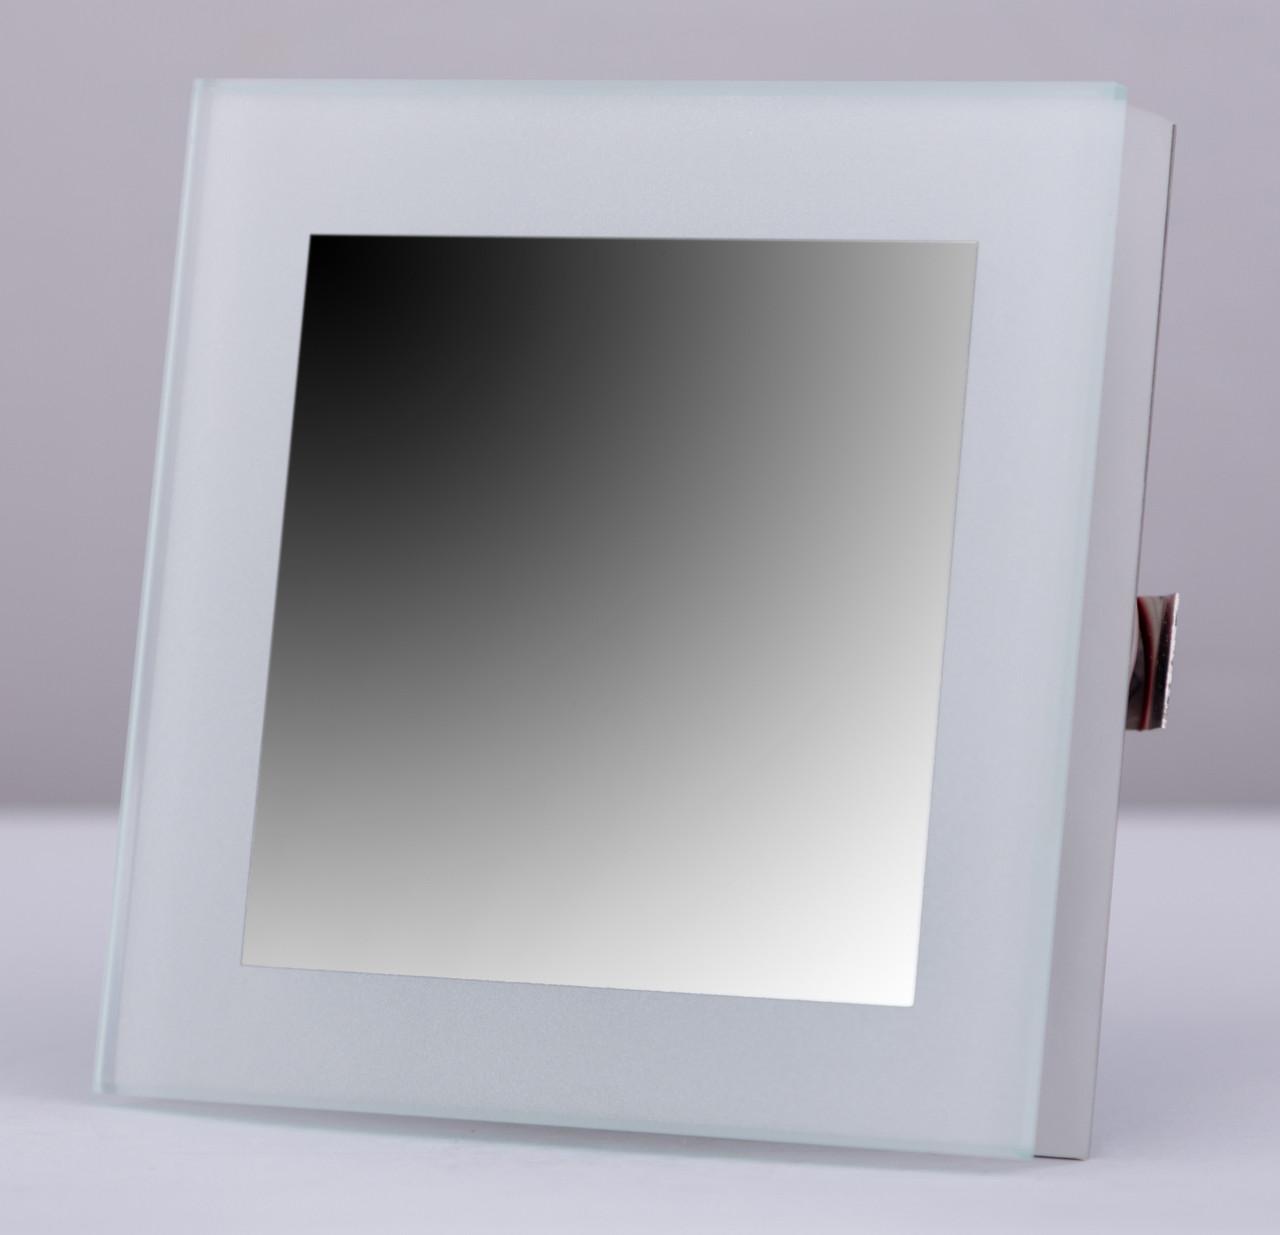 Подсветка LED декоративная LUCCIO, хром зеркальный, холодный белый